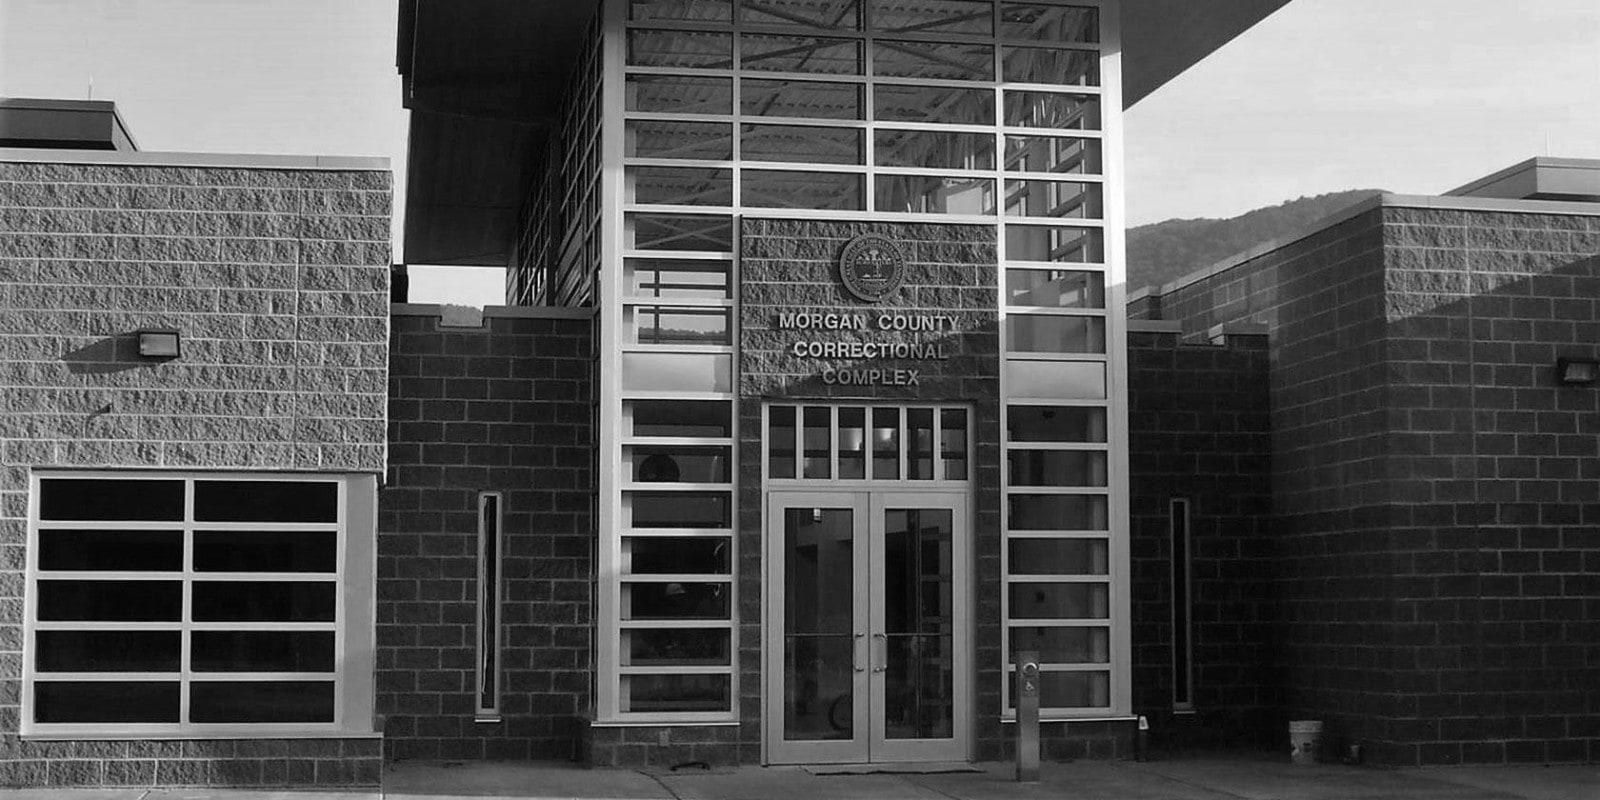 Morgan County Correctional Facility